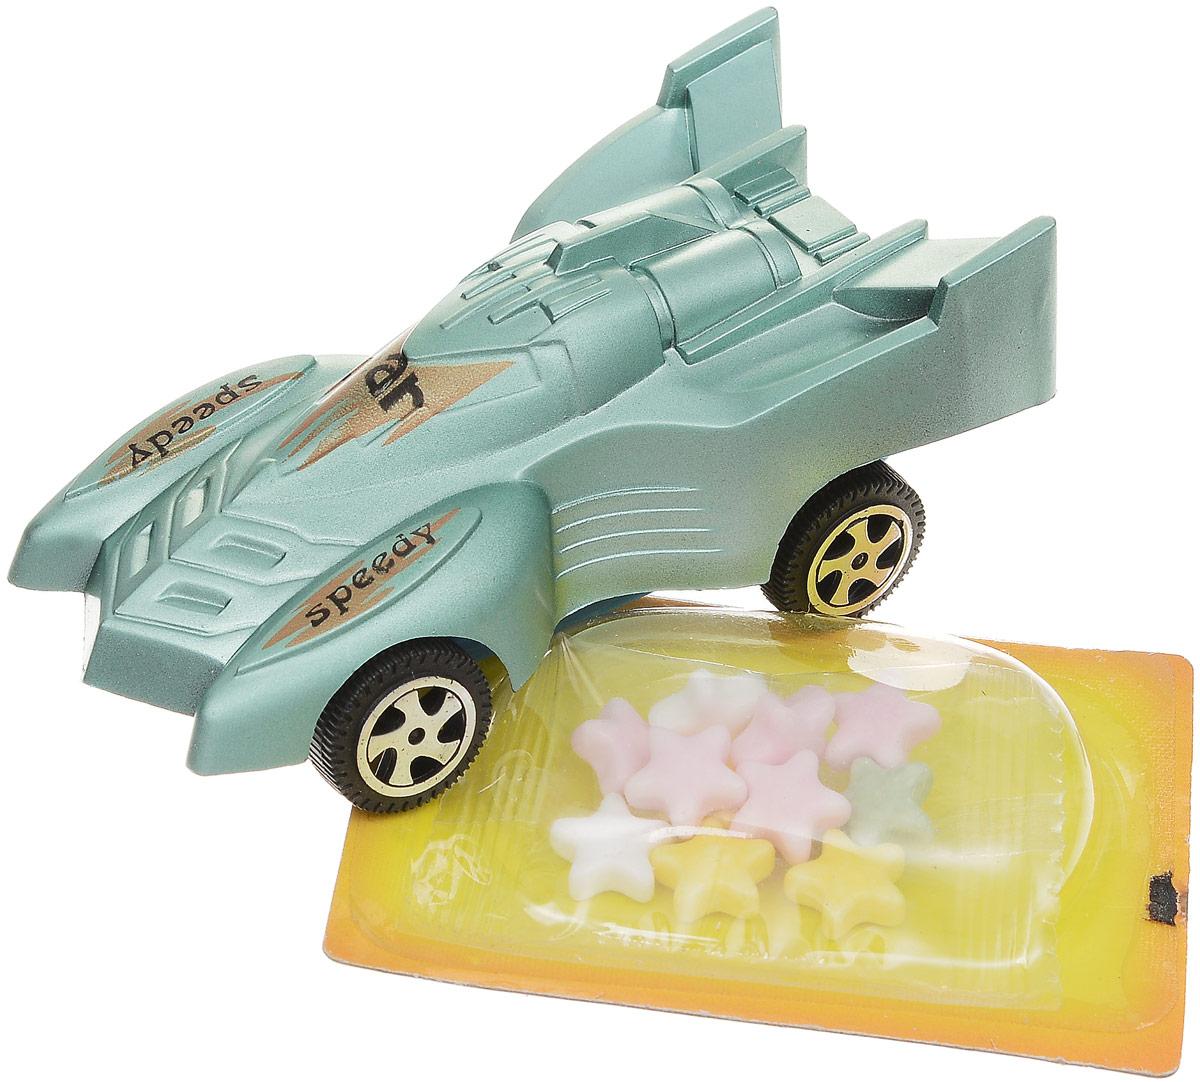 Конфитрейд Космические гонки фруктовое драже с игрушкой, 5 г конфитрейд ретро автомобиль фруктовое драже с игрушкой 5 г